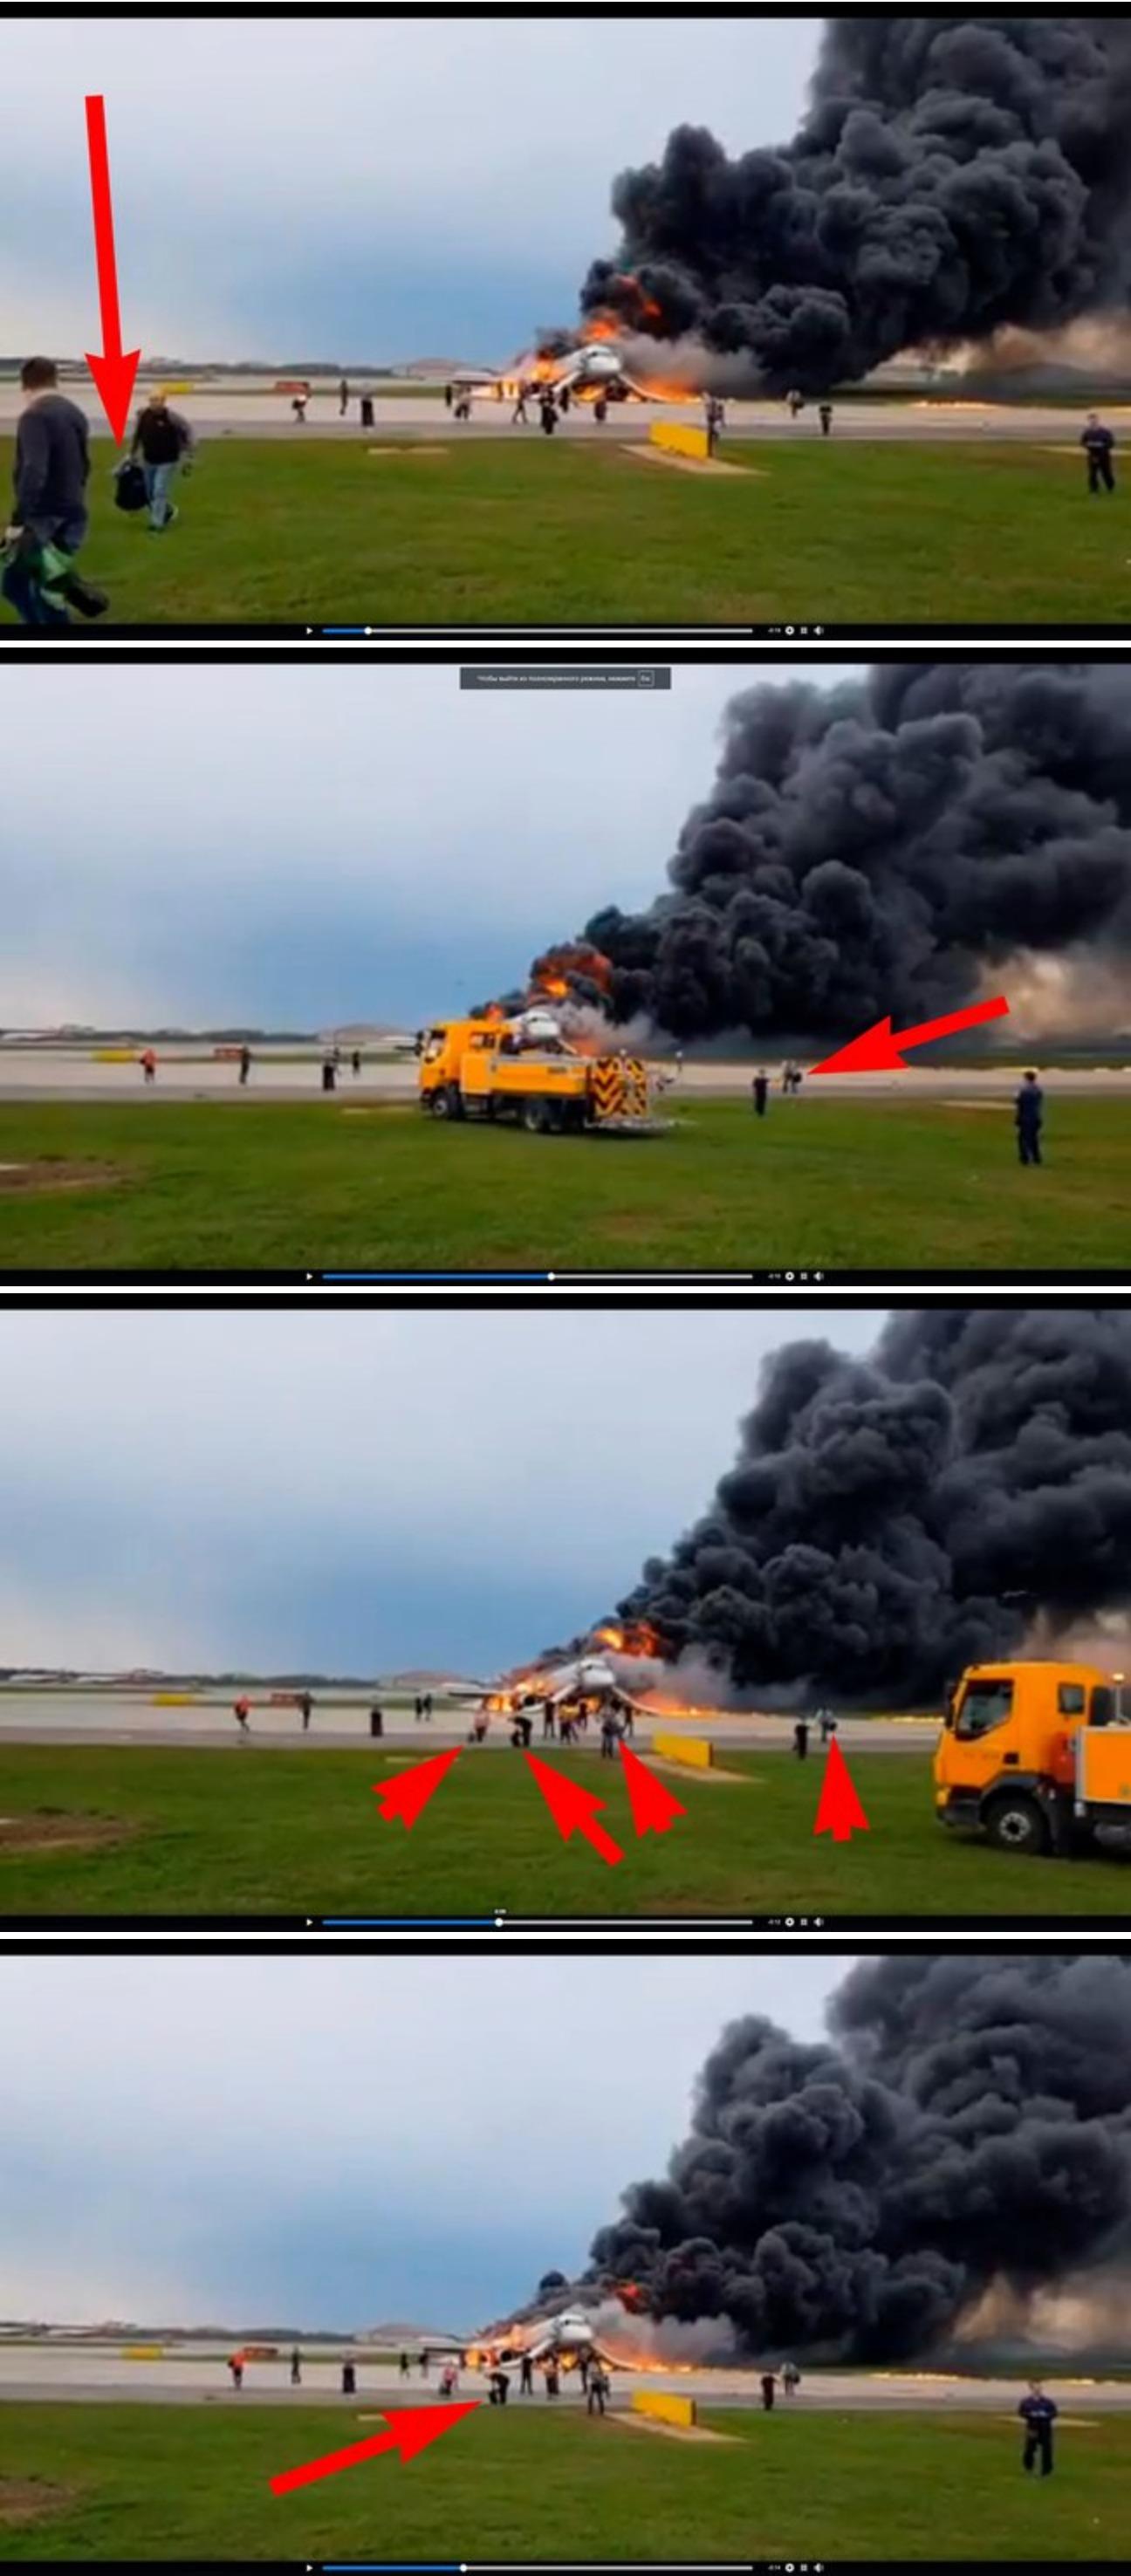 Российский авиаэксперт: Более 40 человек погибло, потому что сидевшие первыми к выходу спасались вместе с вещами